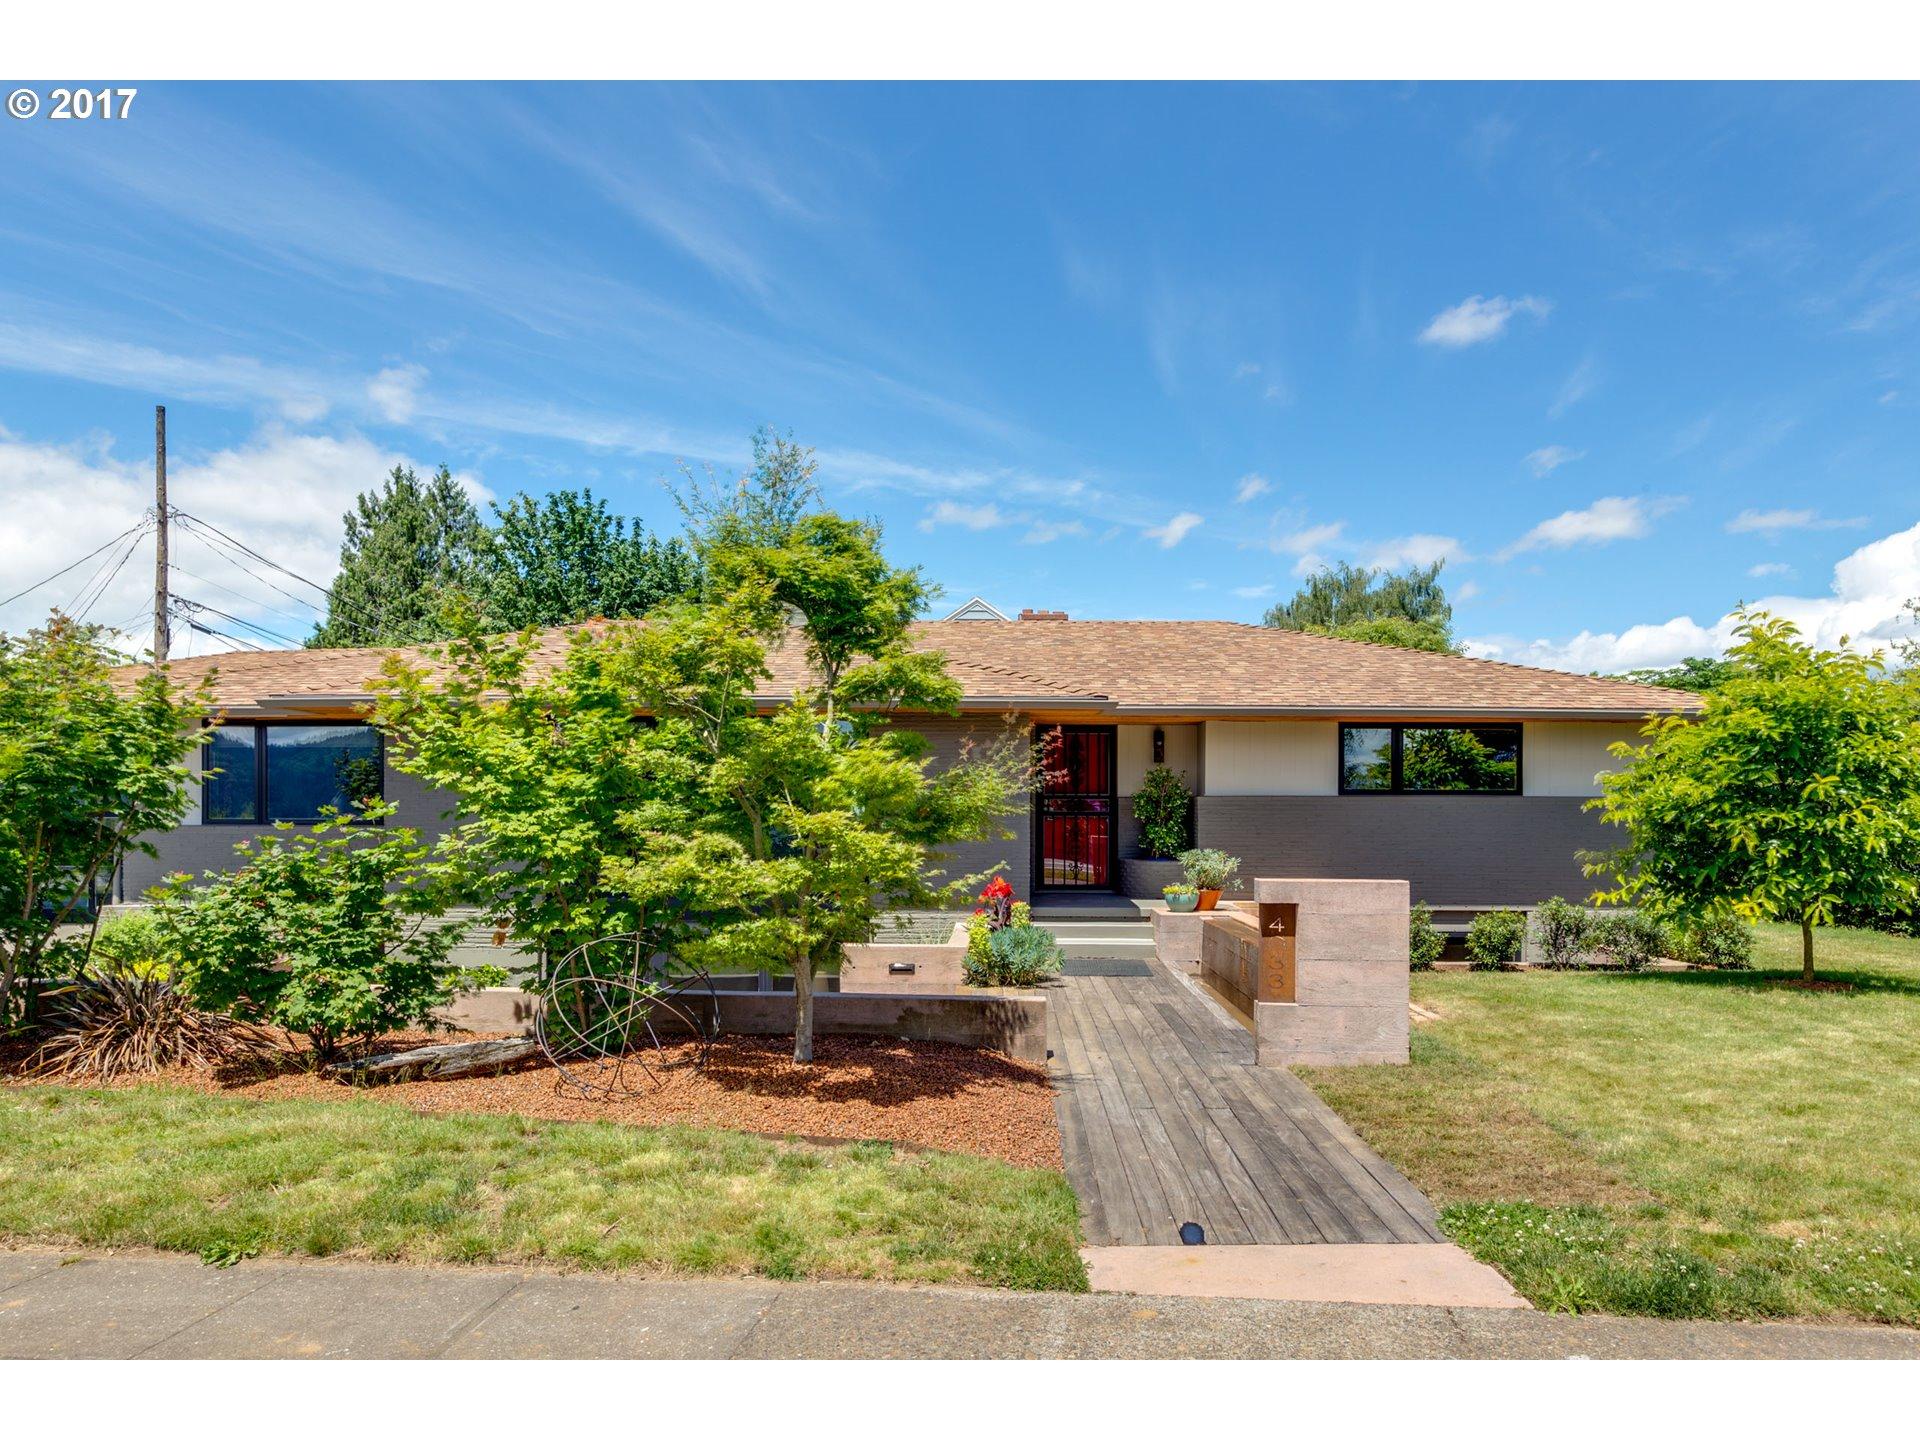 4033 N WILLAMETTE BLVD, Portland OR 97203